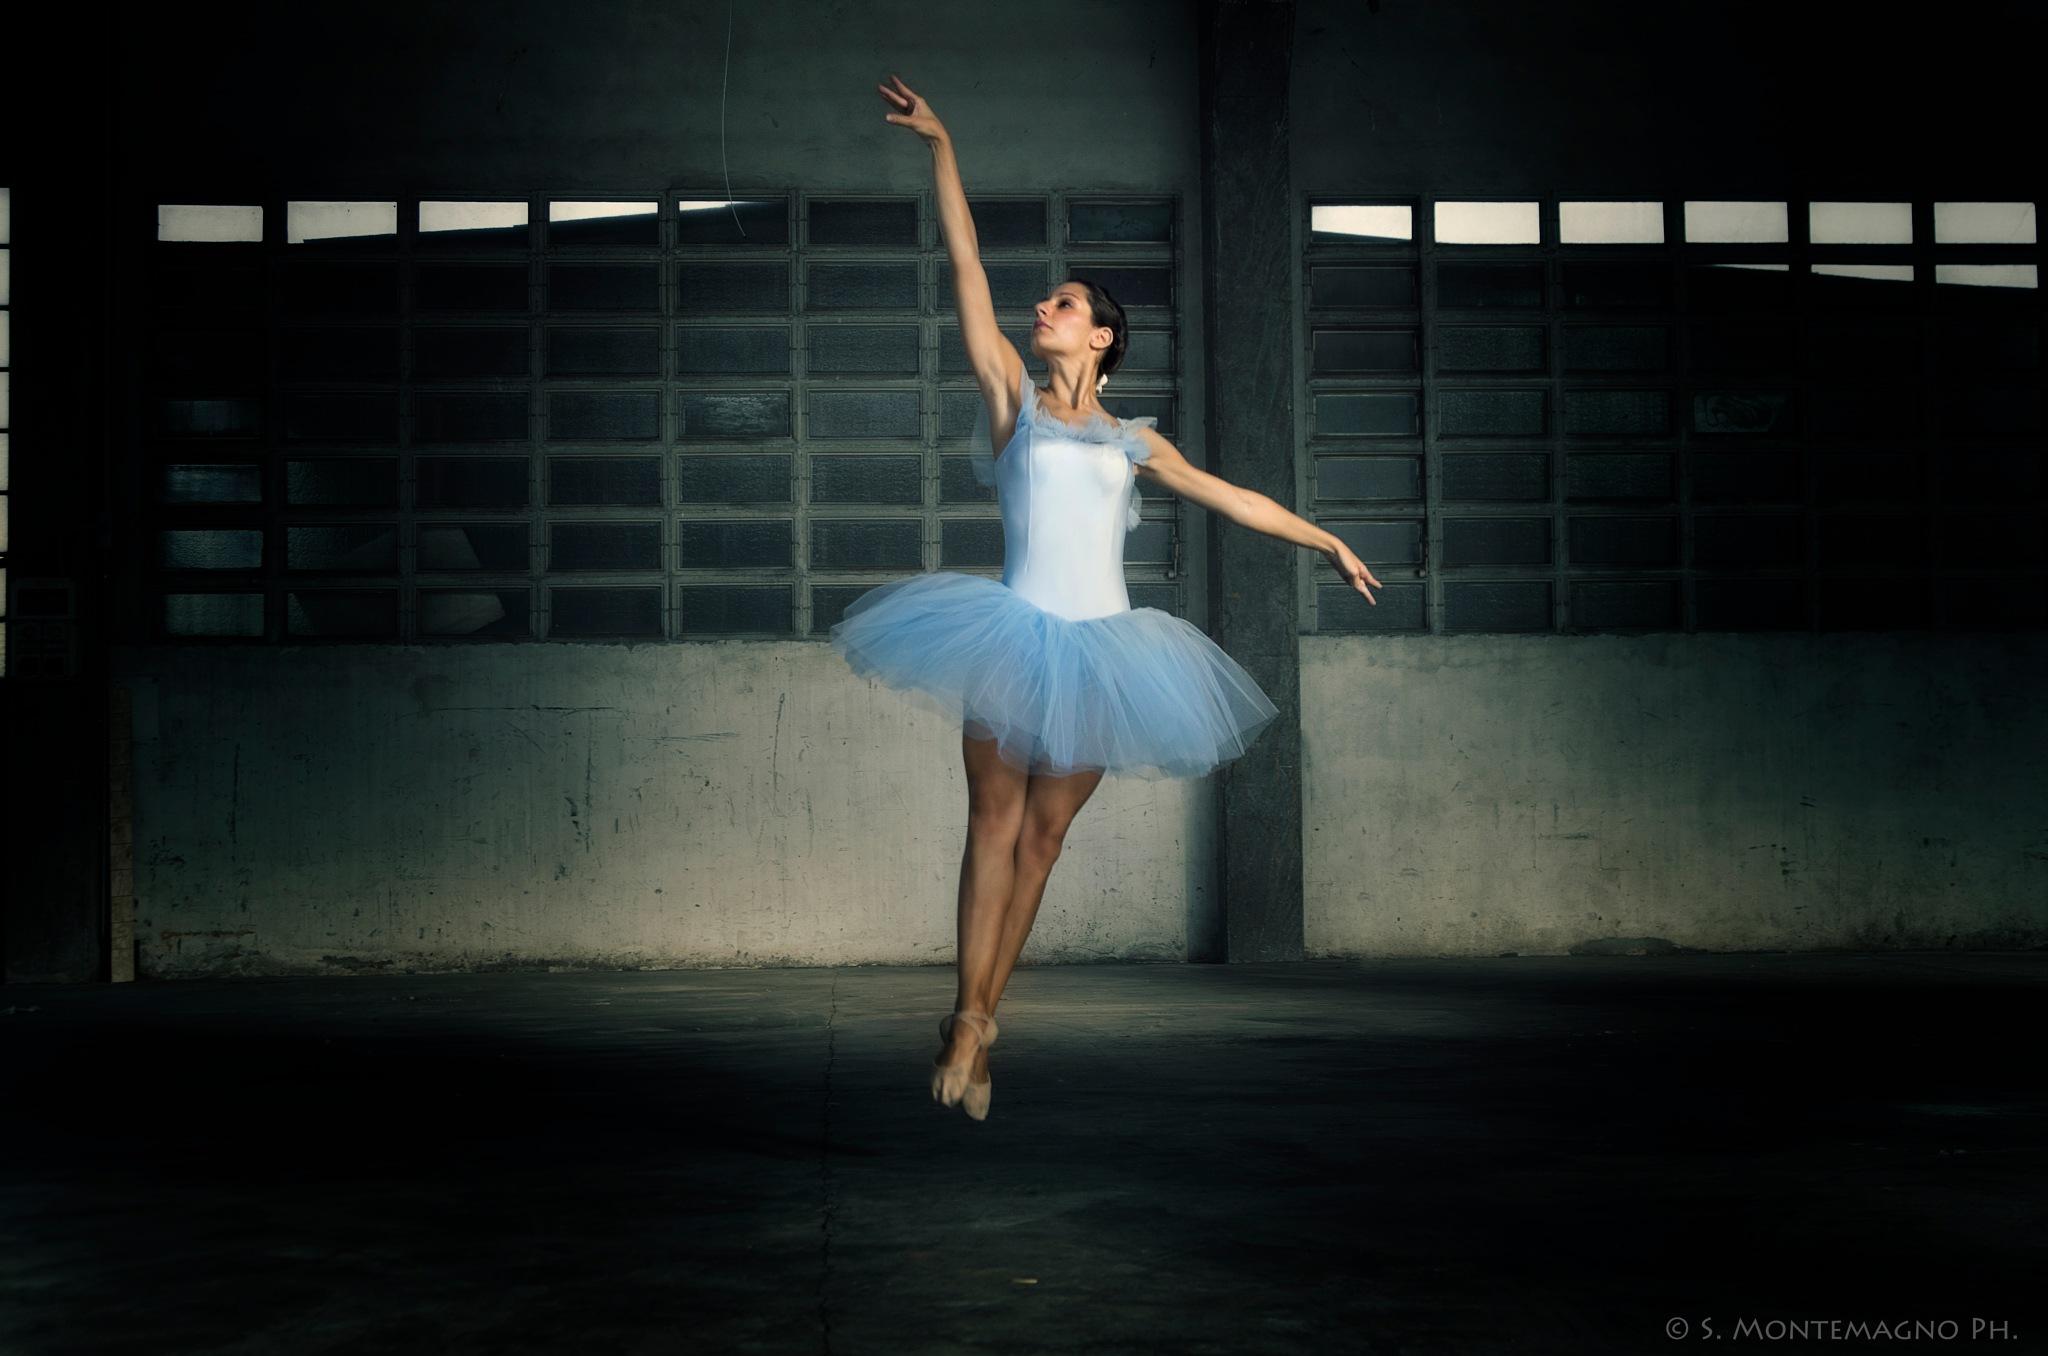 Ballet N°7 by Salvatore Montemagno